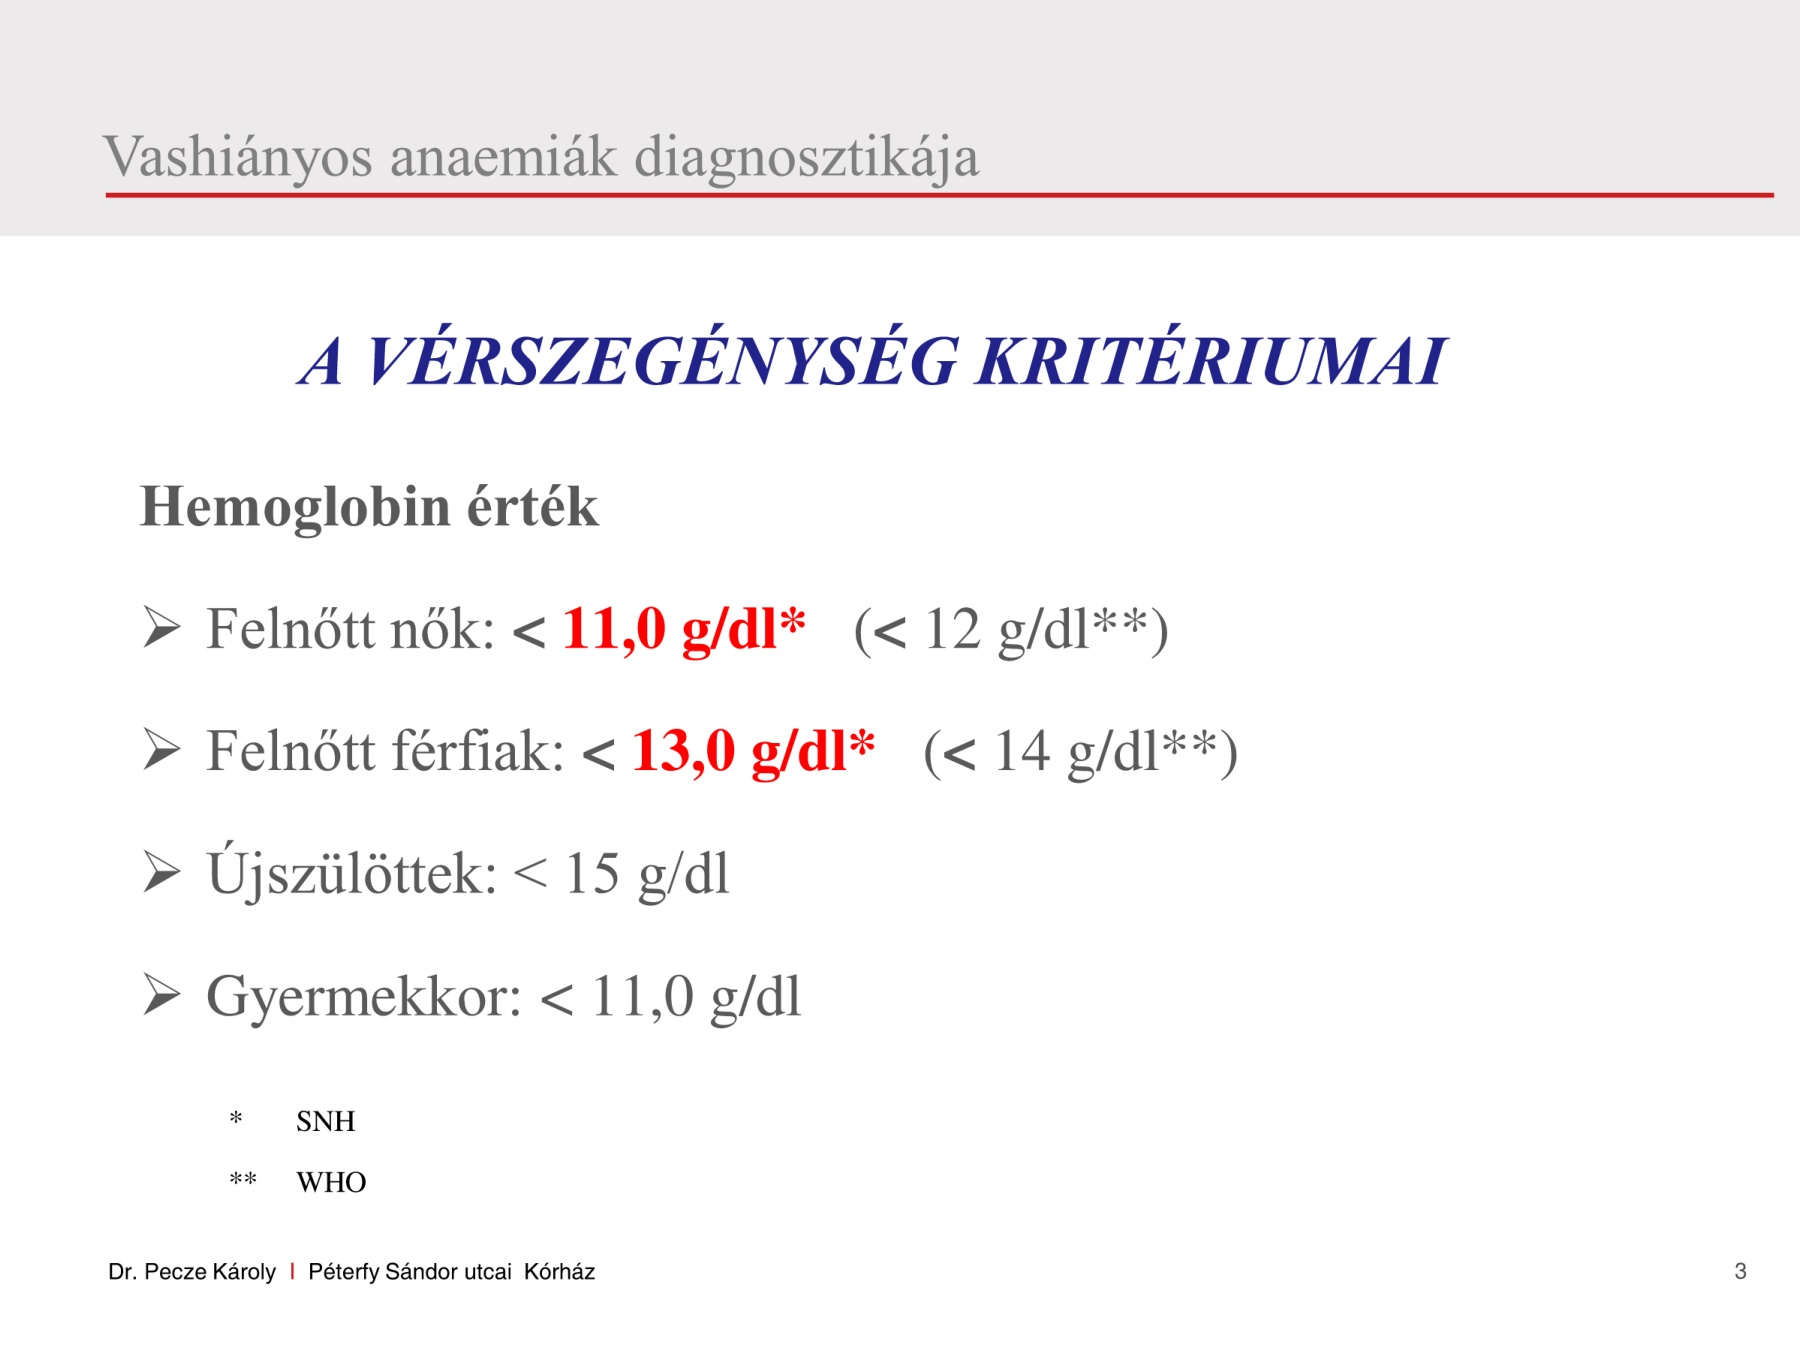 vérszegénység g dl kezeletlen rák